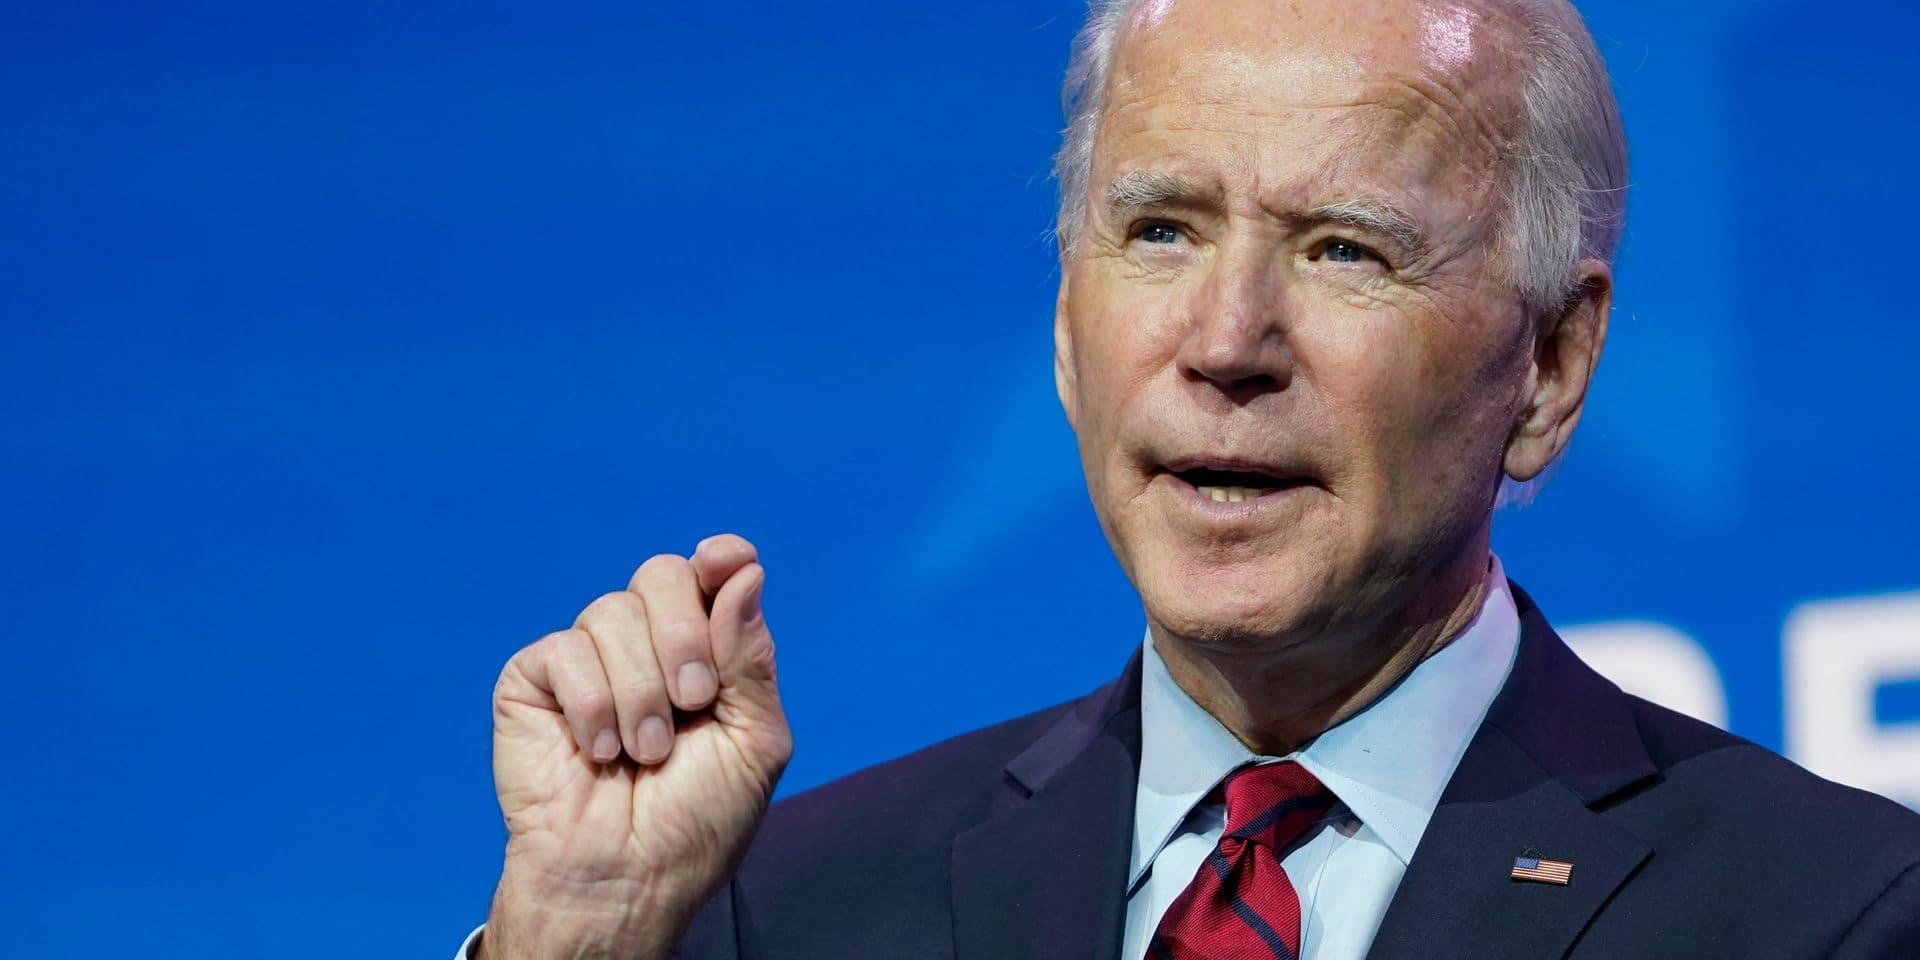 Biden choisit plusieurs ministres dans un influent cabinet de conseil privé et crée la controverse